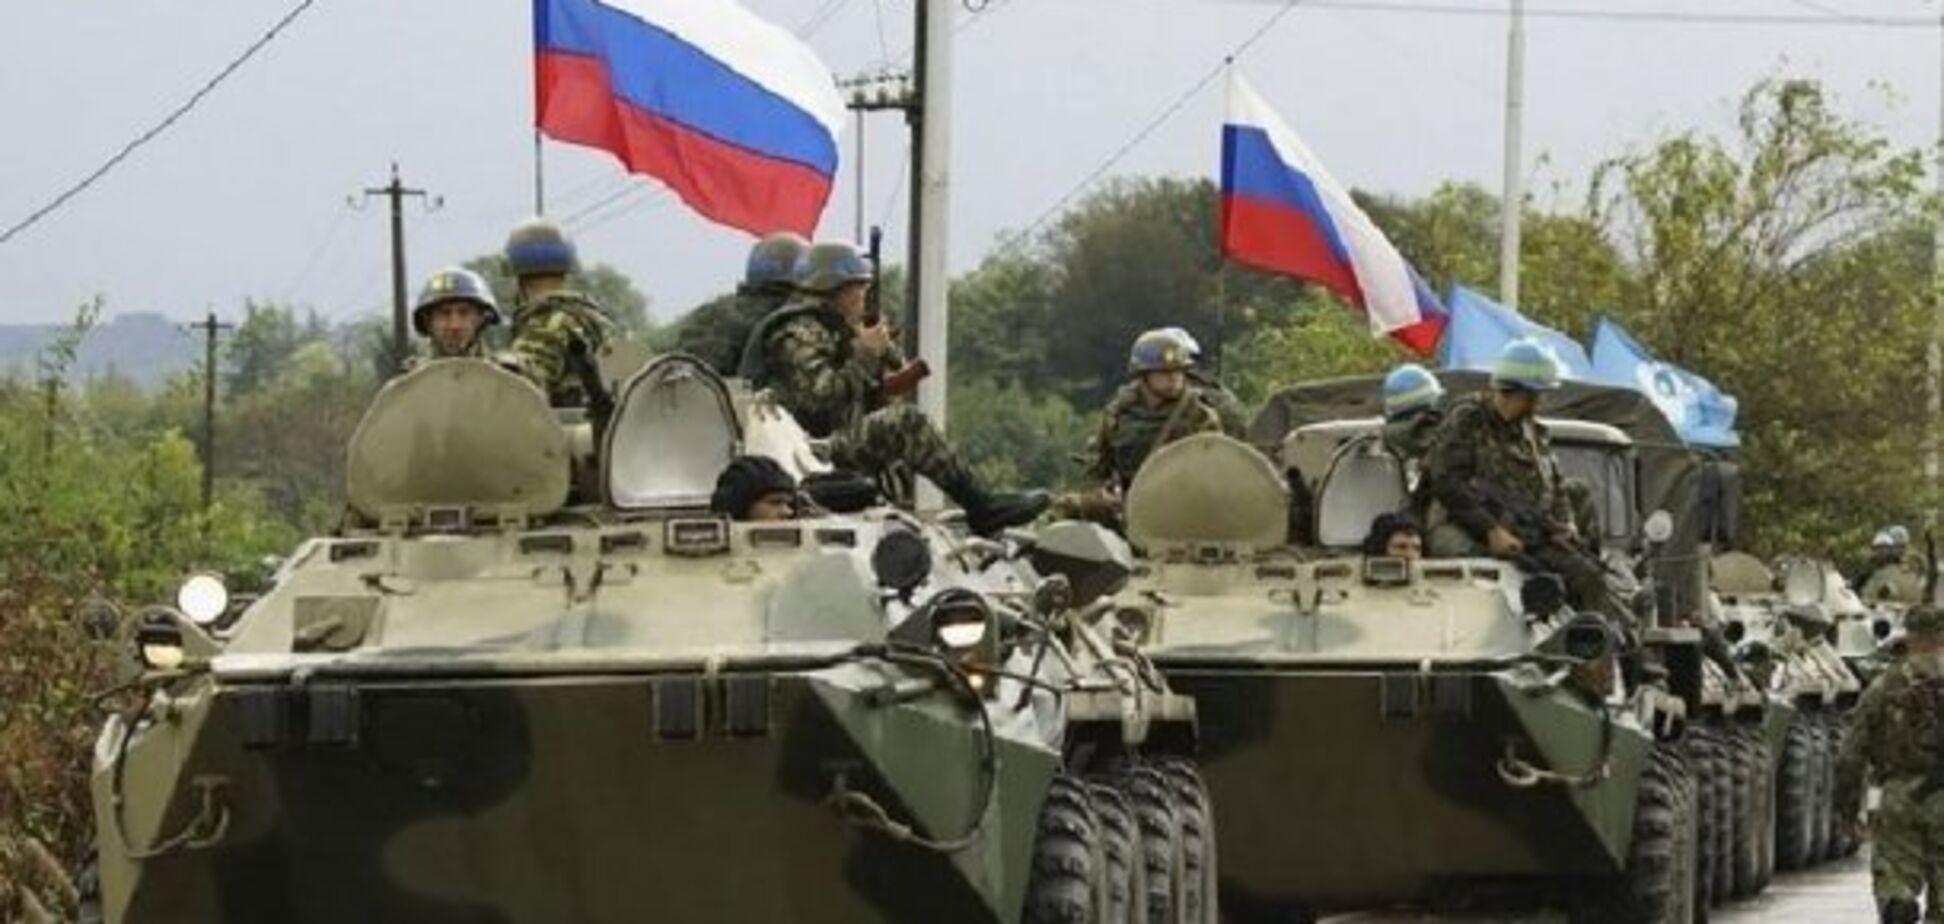 Засіло в головах: ексгенерал КДБ пояснив, чому Путін хоче повернути Україну